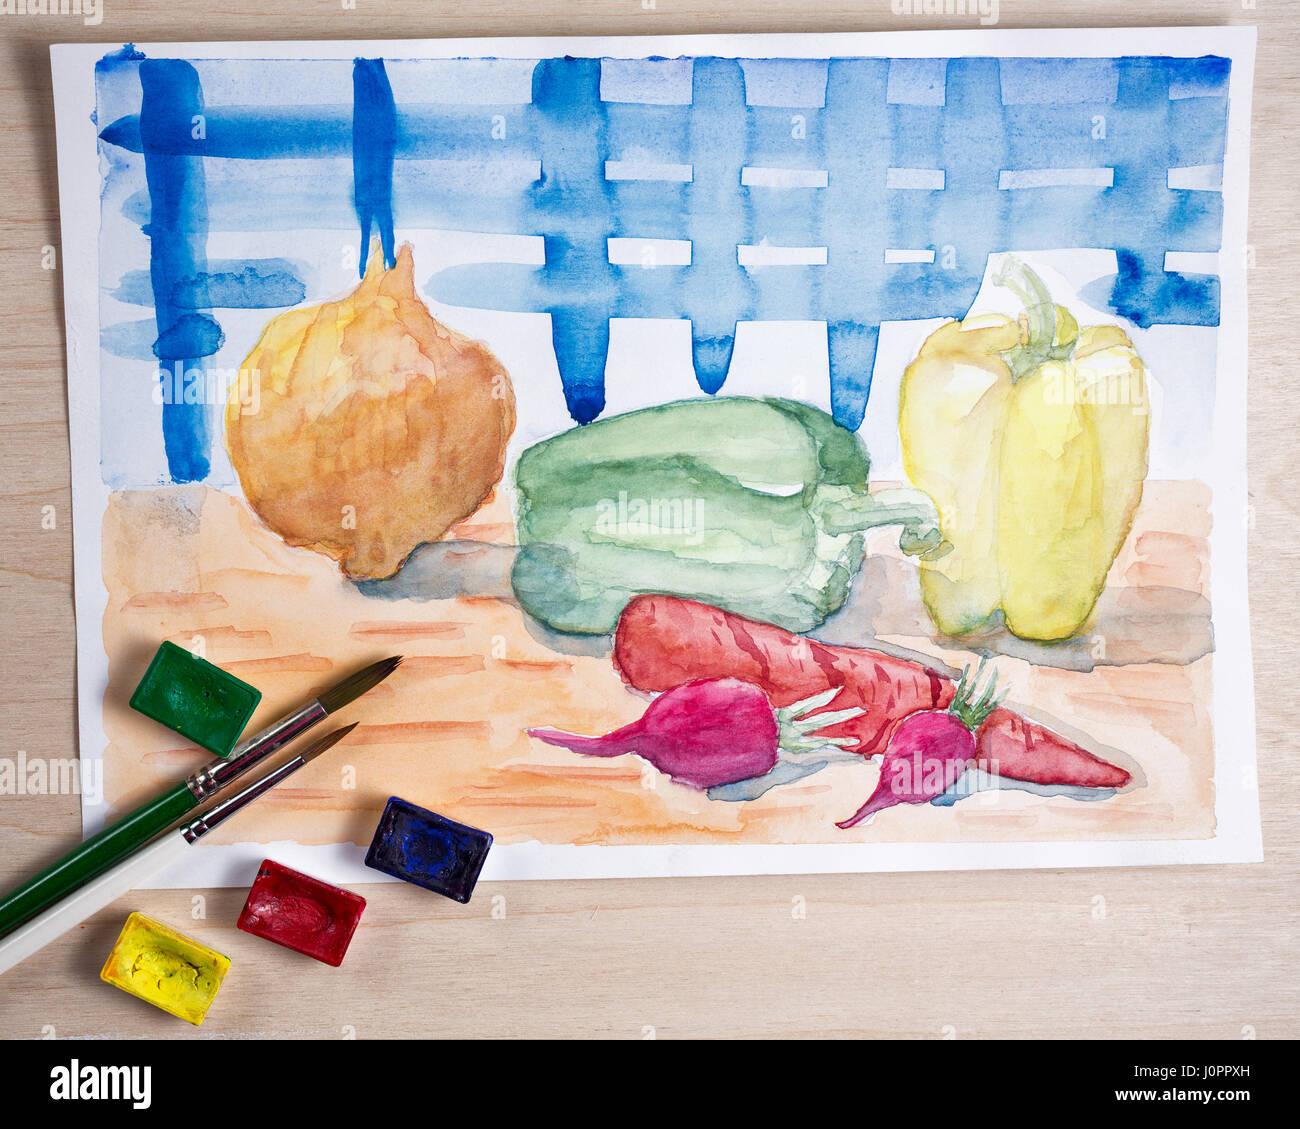 Stillleben mit Aquarellfarbe. Gemüse auf dem Küchentisch. Zwiebeln ...